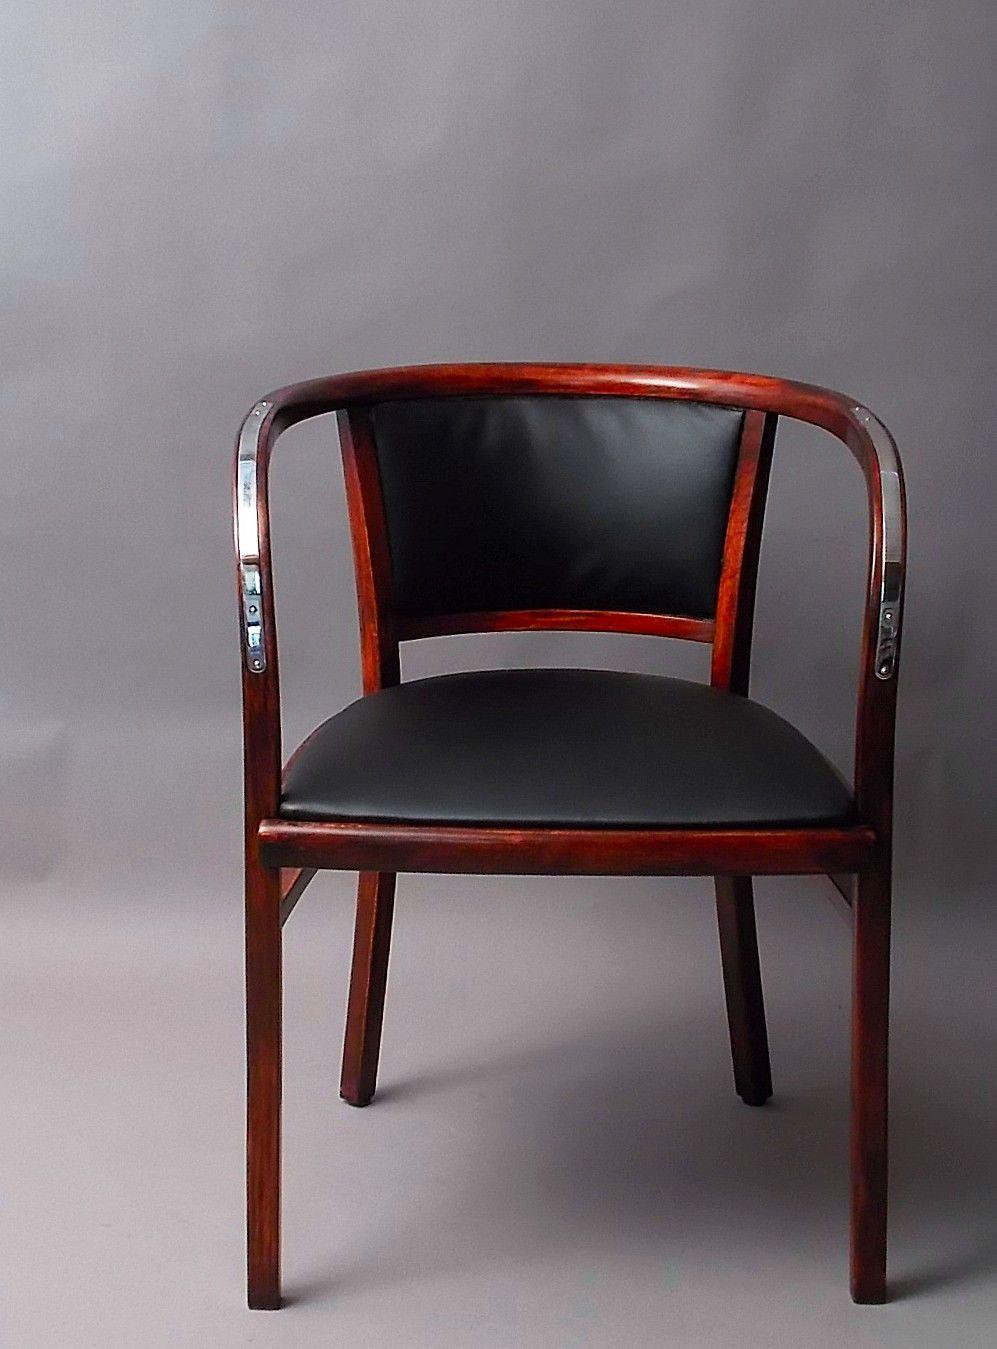 thonet otto wagner postsparkassen sessel bugholz jugendstil stuhl leder ebay joinery. Black Bedroom Furniture Sets. Home Design Ideas